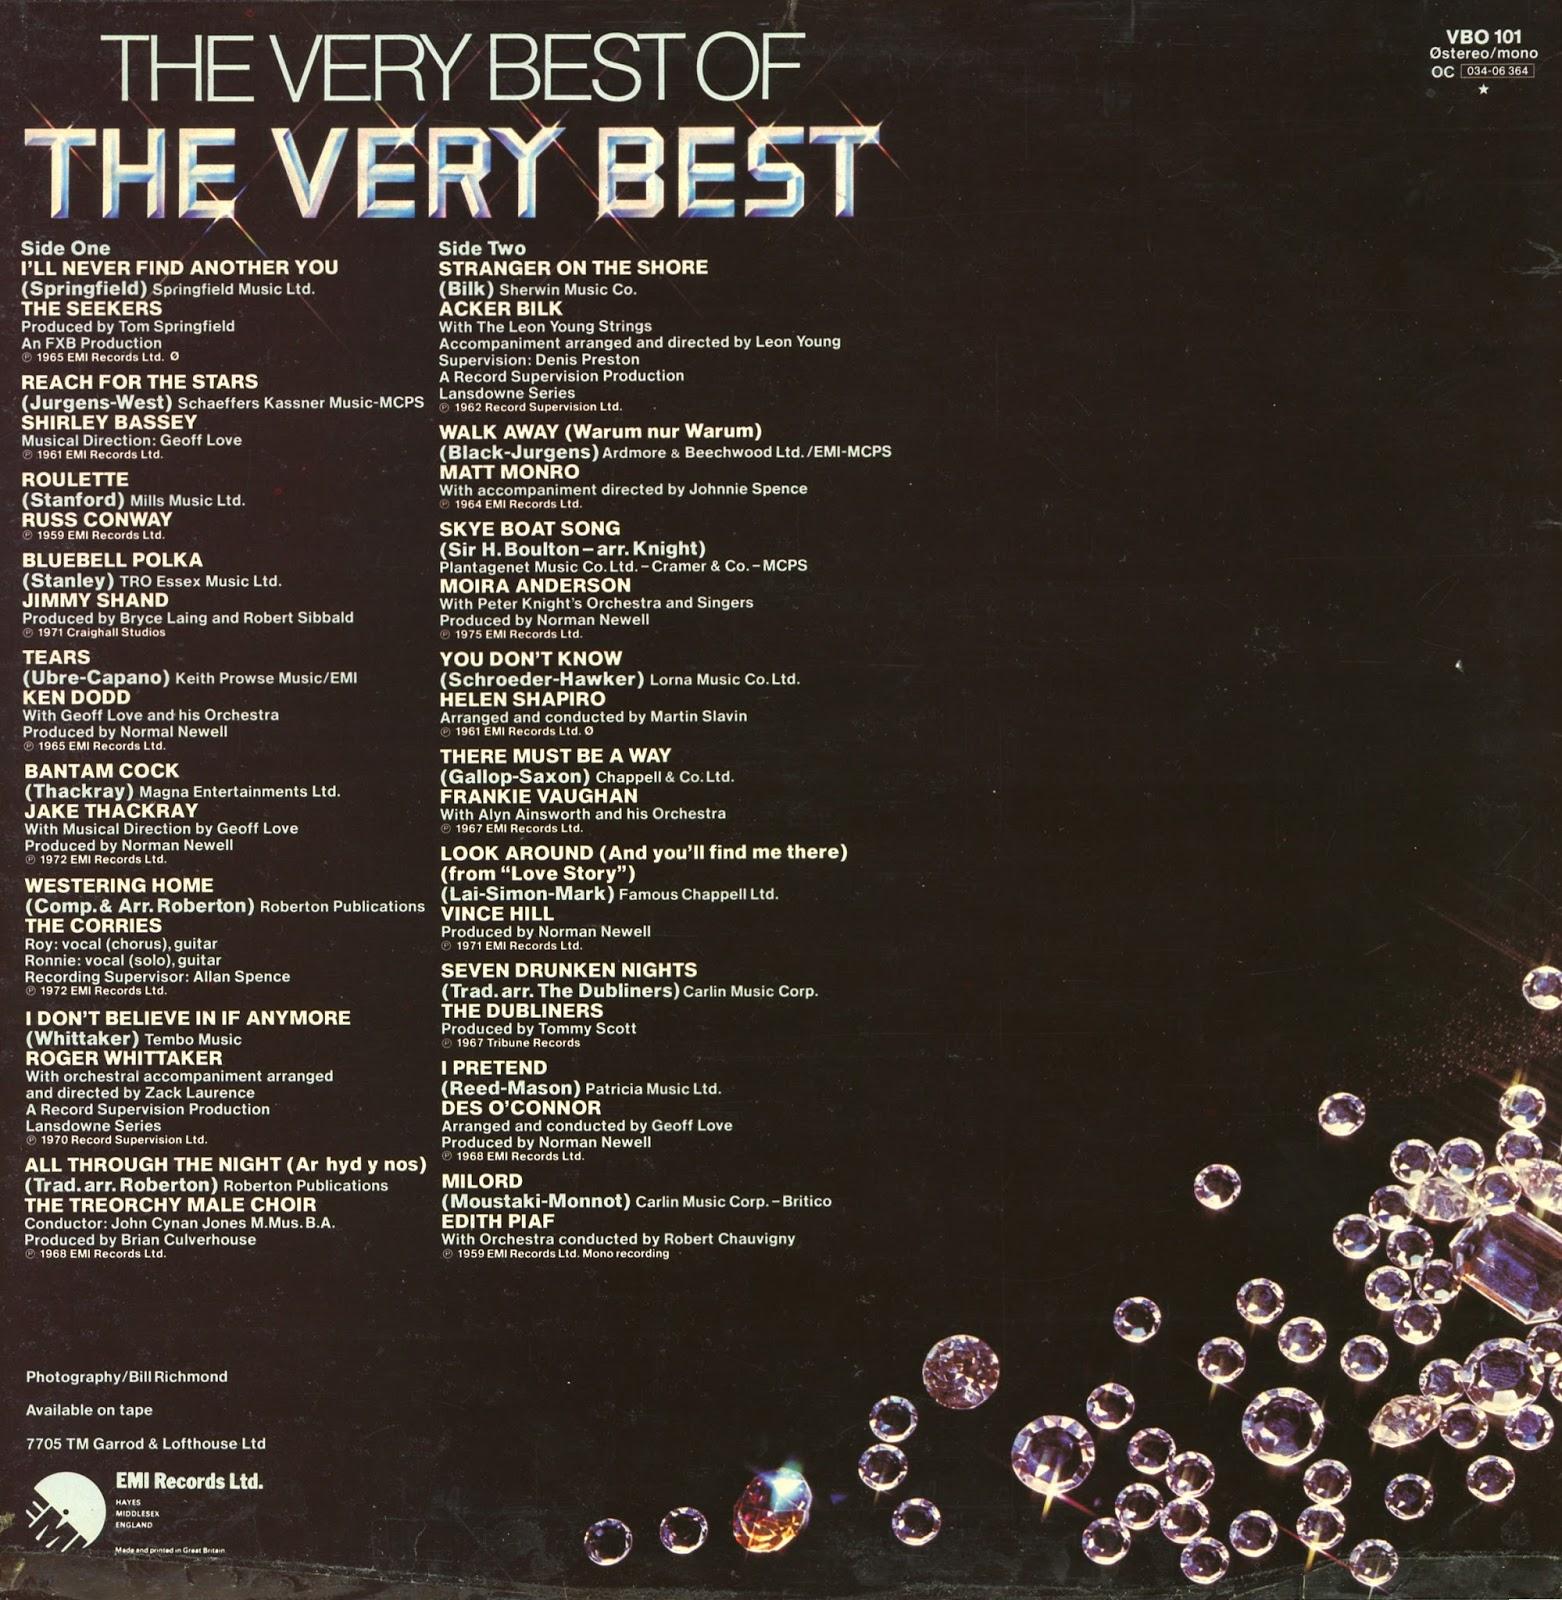 Luigi S 50 S Amp 60 S Vinyl Corner The Very Best Of The